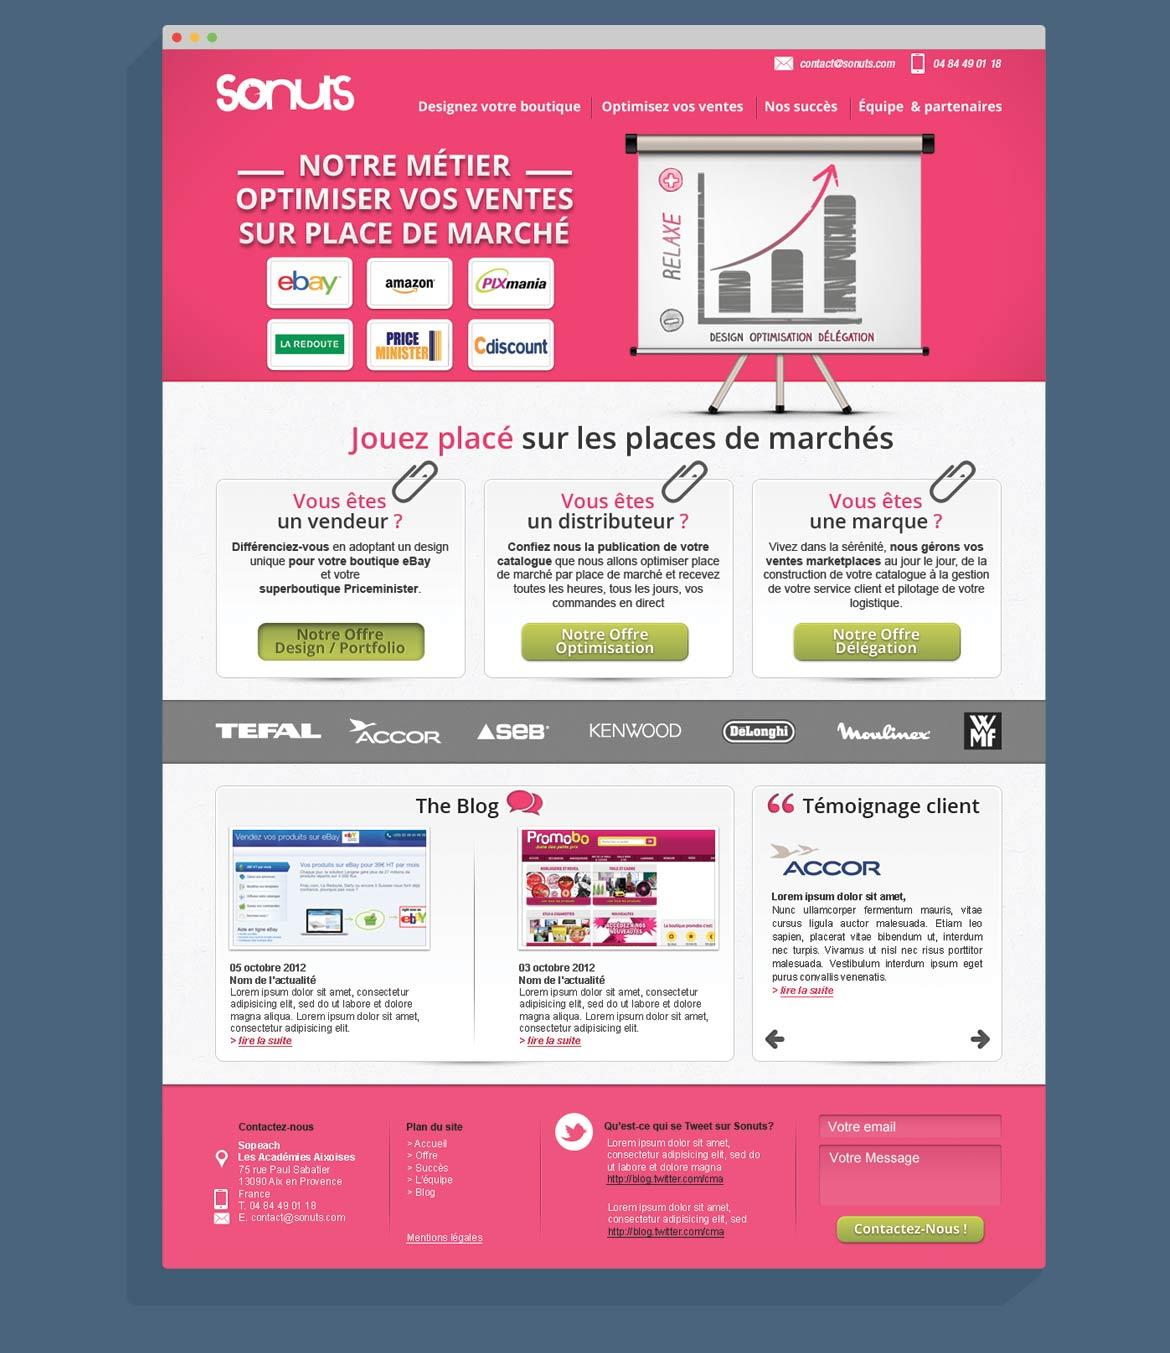 Maquette de la page d'accueil du site web Sonuts